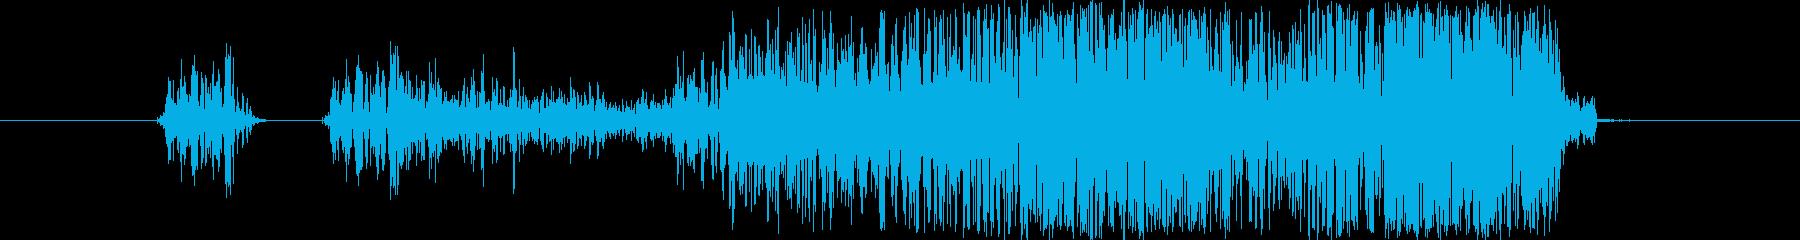 キャンセル/スワイプ/ウインドウ閉じる1の再生済みの波形